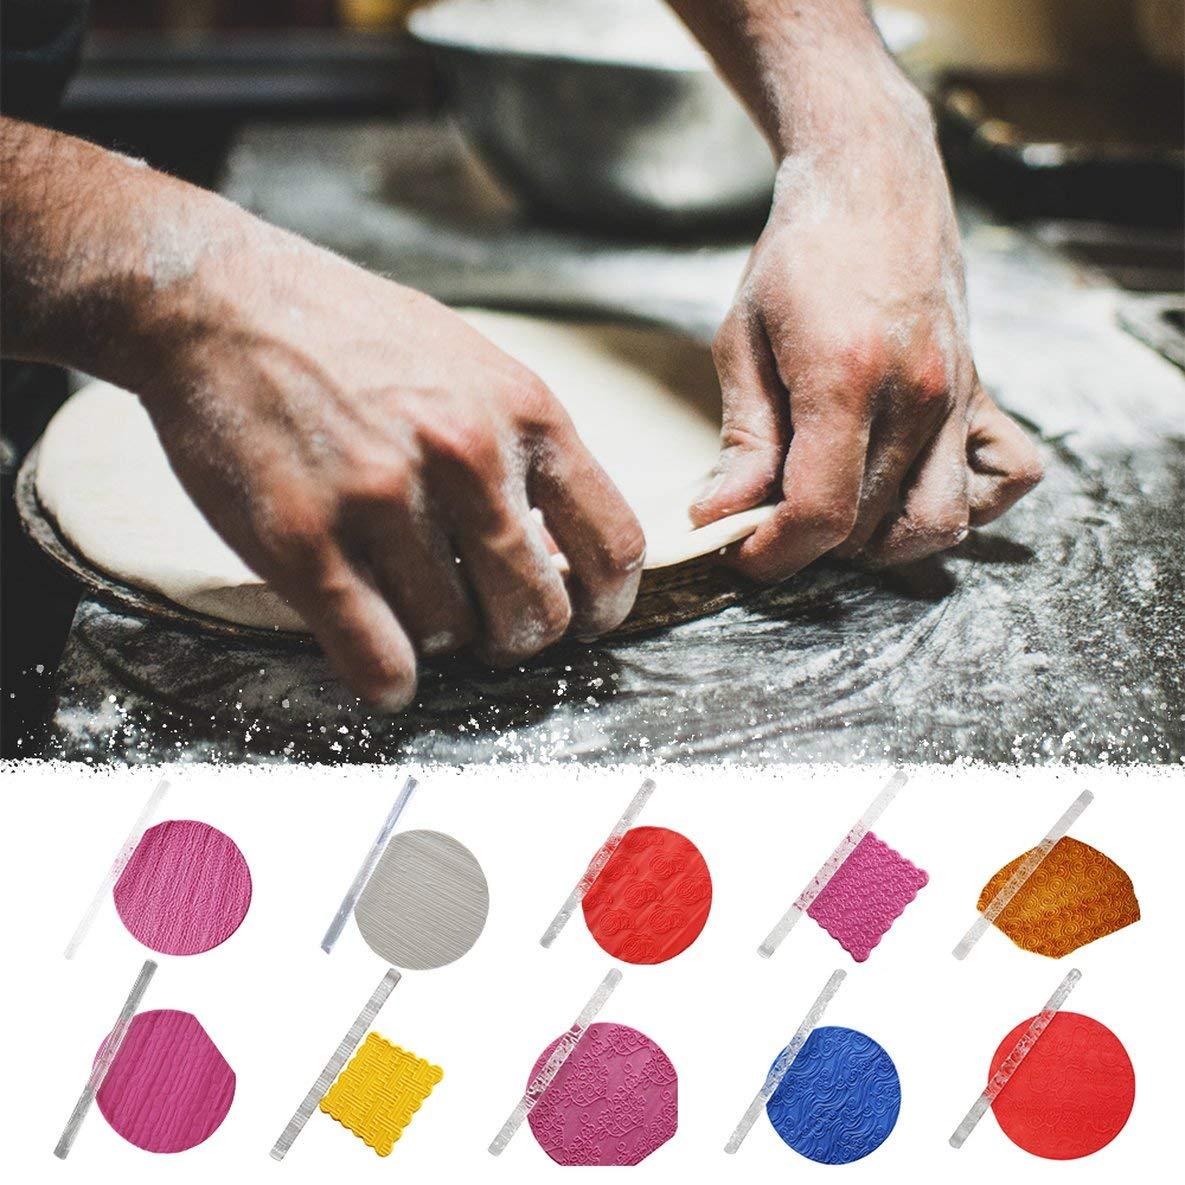 Multicolor Transparente Antiadherente acr/ílico Fondant Rodillo de impresi/ón Rodillo de acr/ílico Tallado Rodillo en Relieve Rodillo